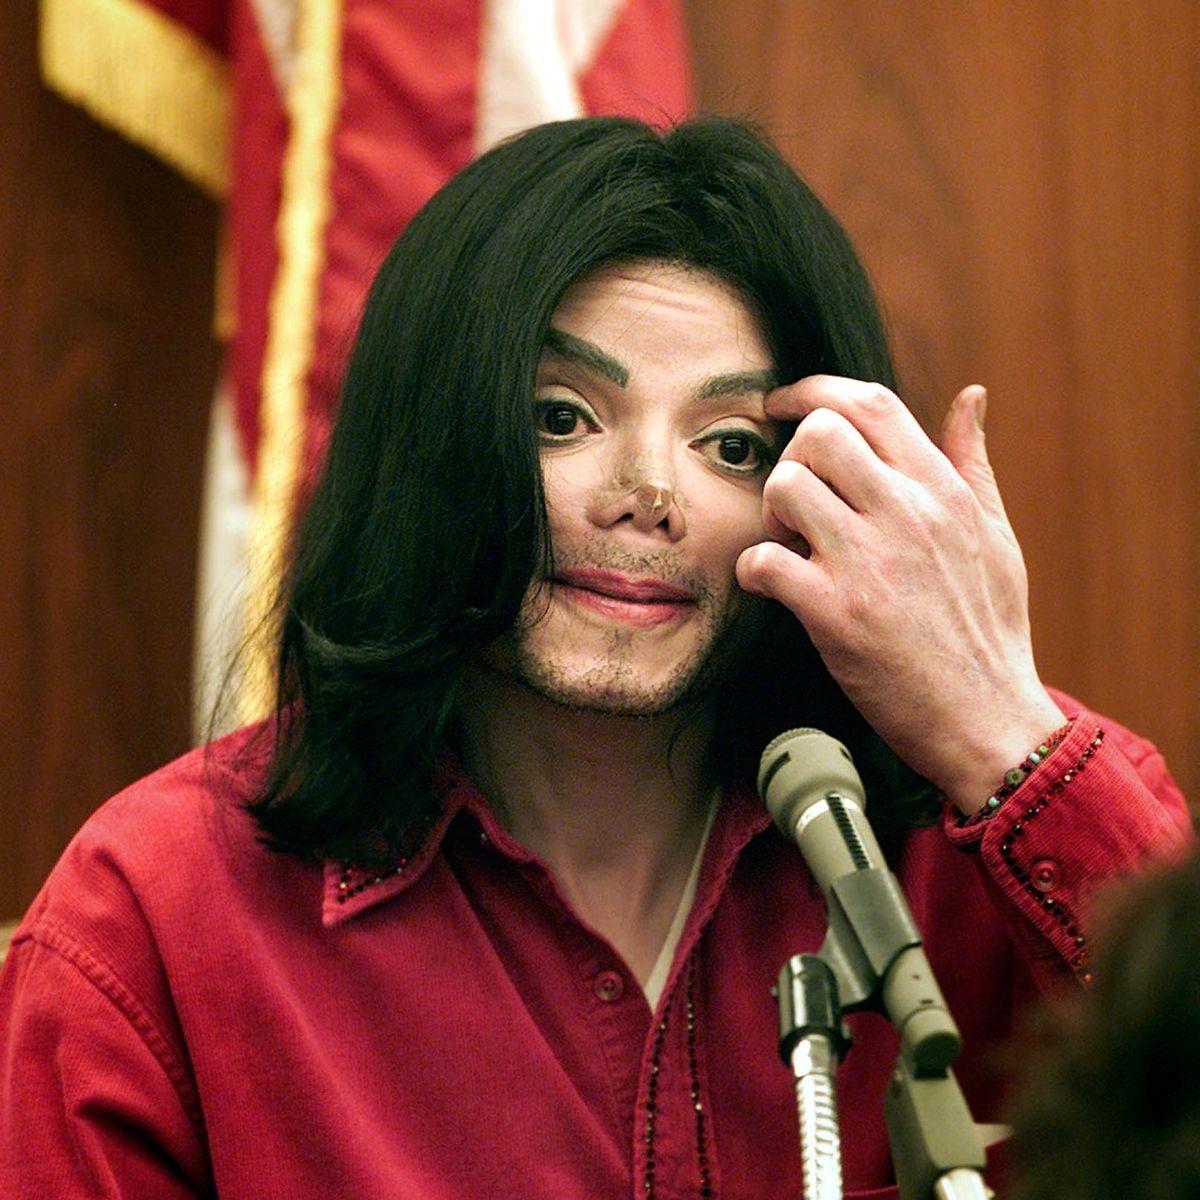 یکی از شاهدان عینی مدعی شده که مایکل جکسون هنگام مرگ بینی نداشته و در واقع از بینی مصنوعی استفاده می کرده است.